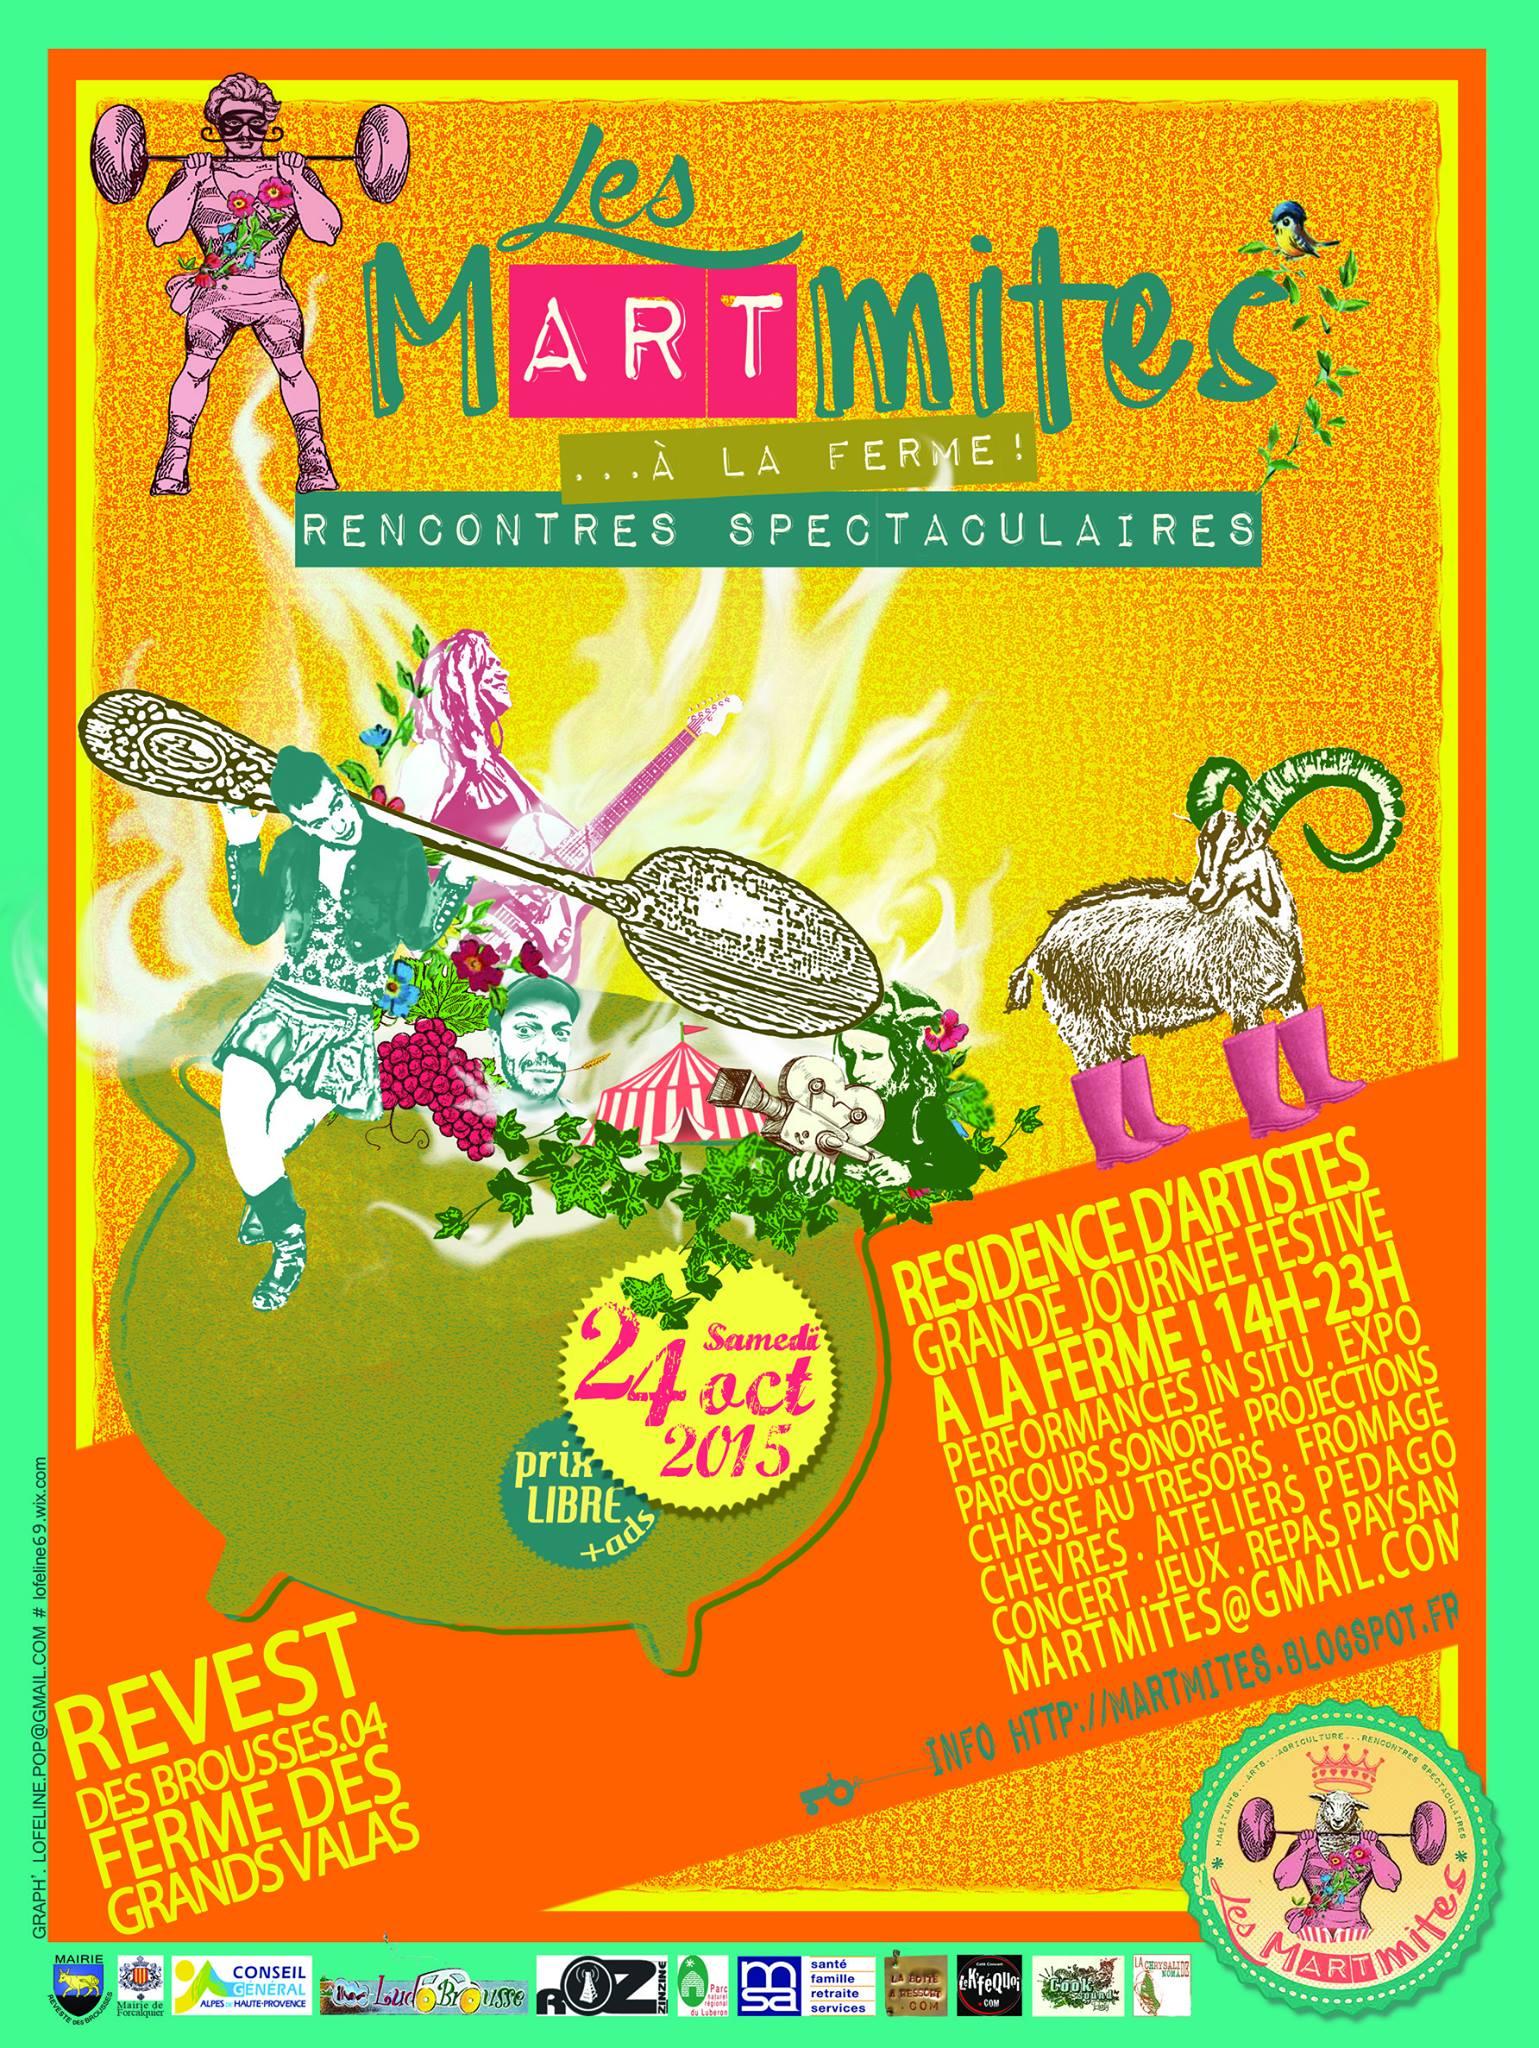 Les MARTmites remettent le couvert d'automne à Revest des Brousses